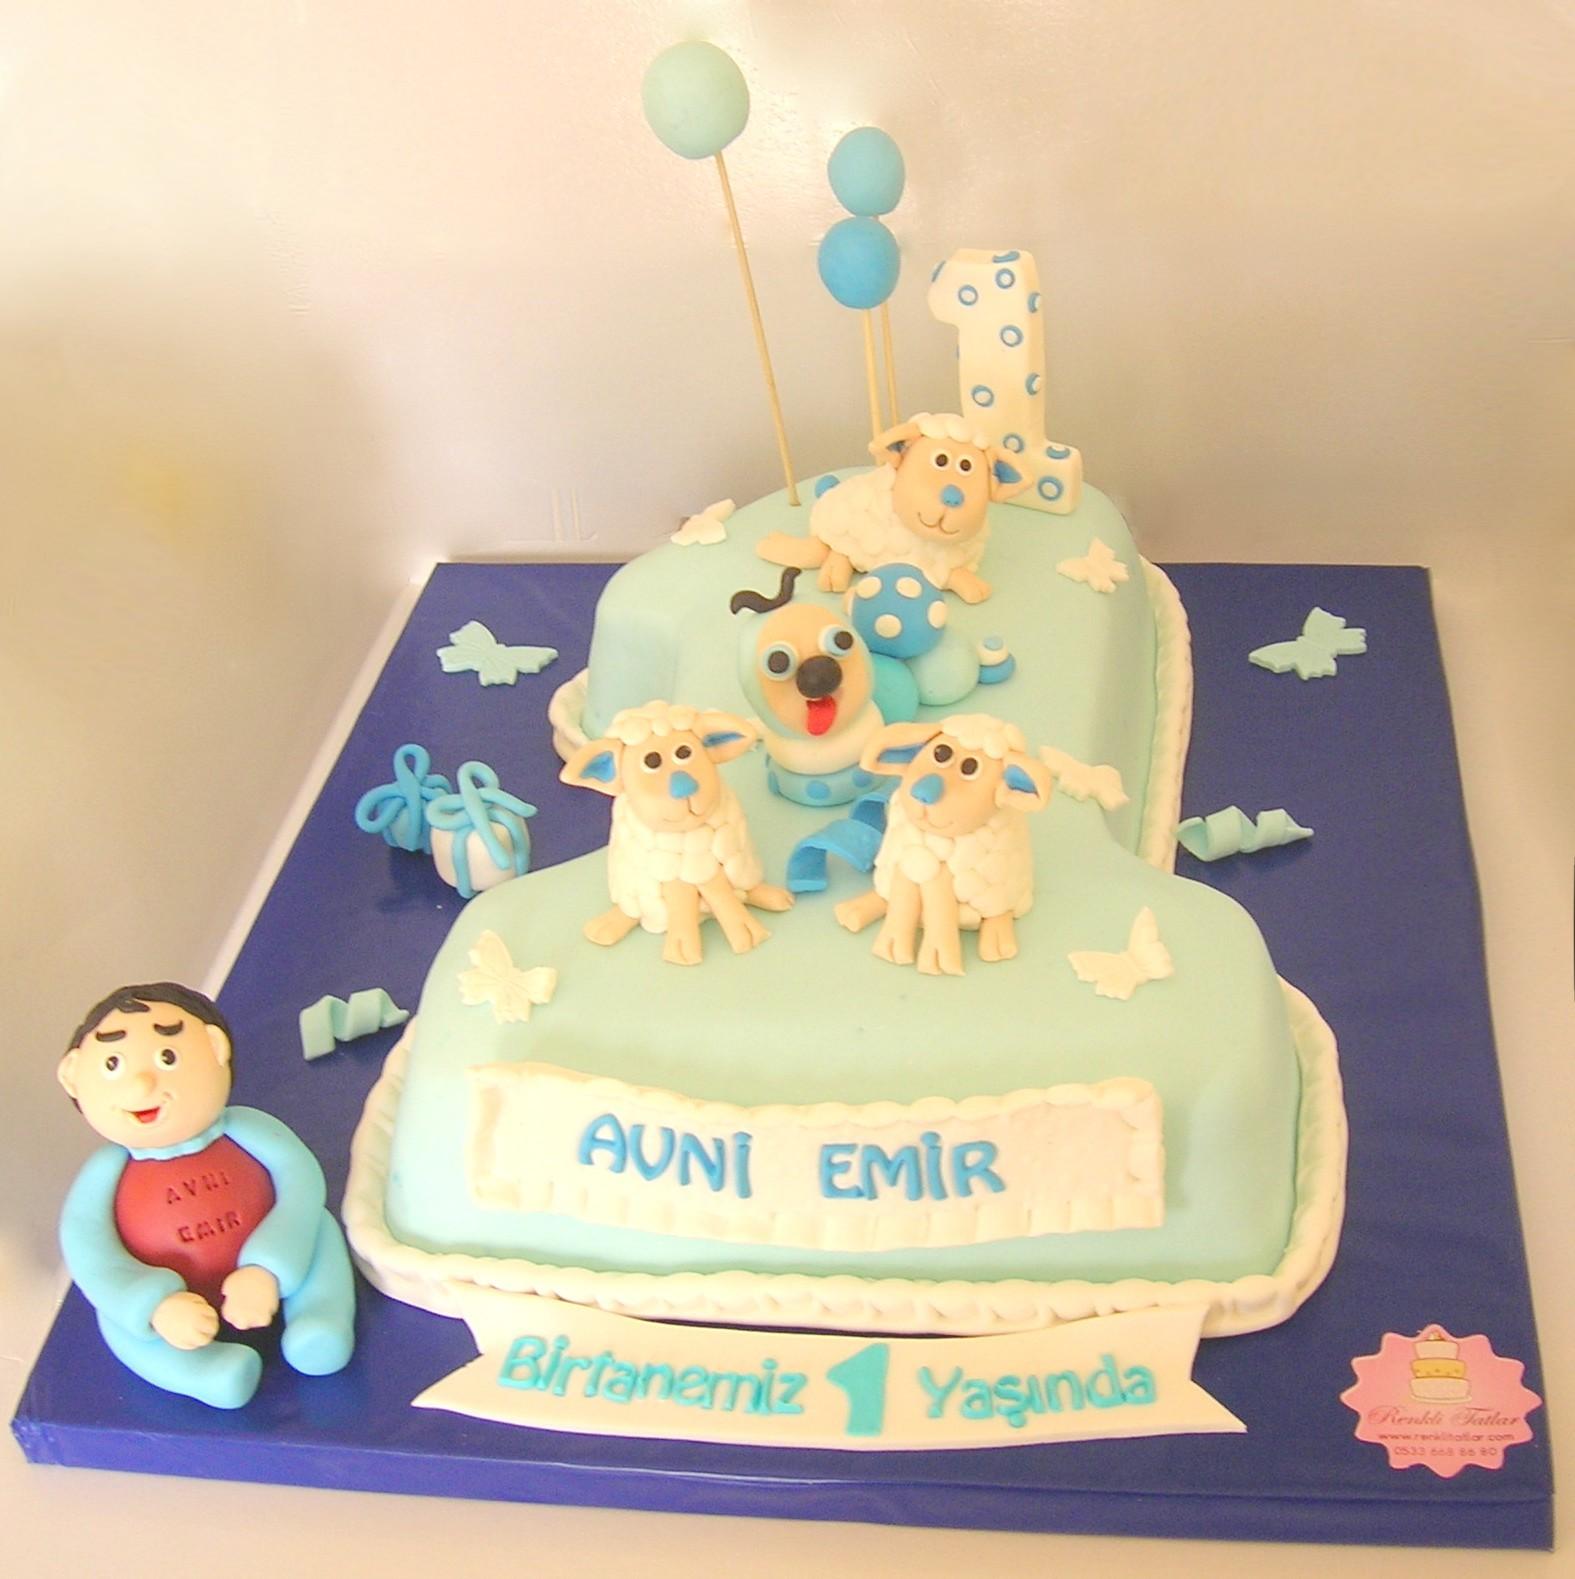 Bir yaş pastası erkek çocuğu